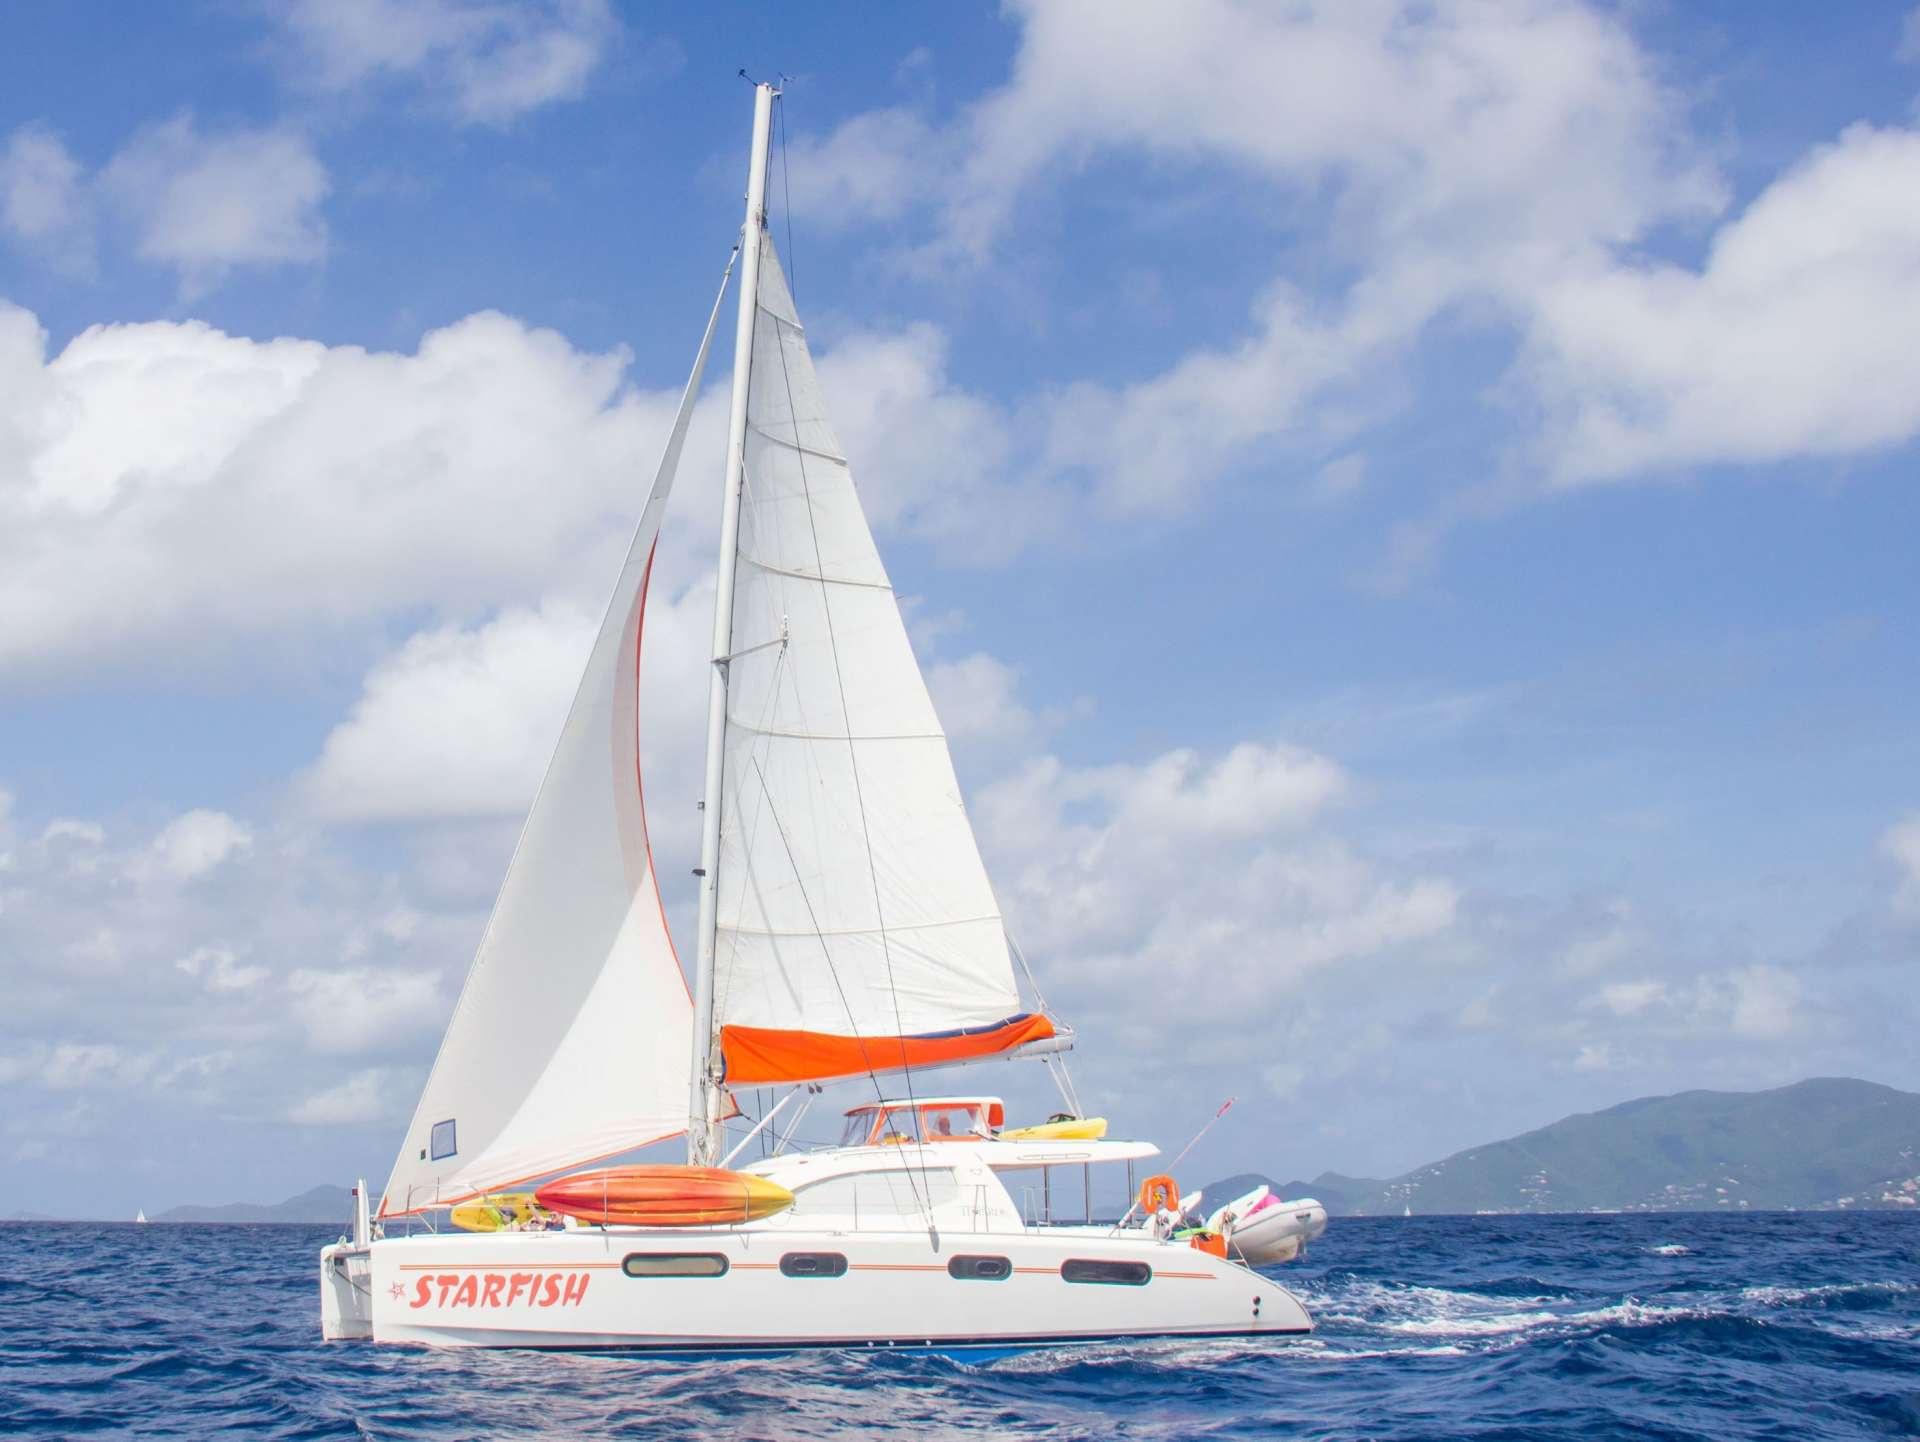 Cat Yacht 'Cat', 6 PAX, 2 Crew, 46.00 Ft, 14.00 Meters, Built 2008, Leopard, Refit Year 2019